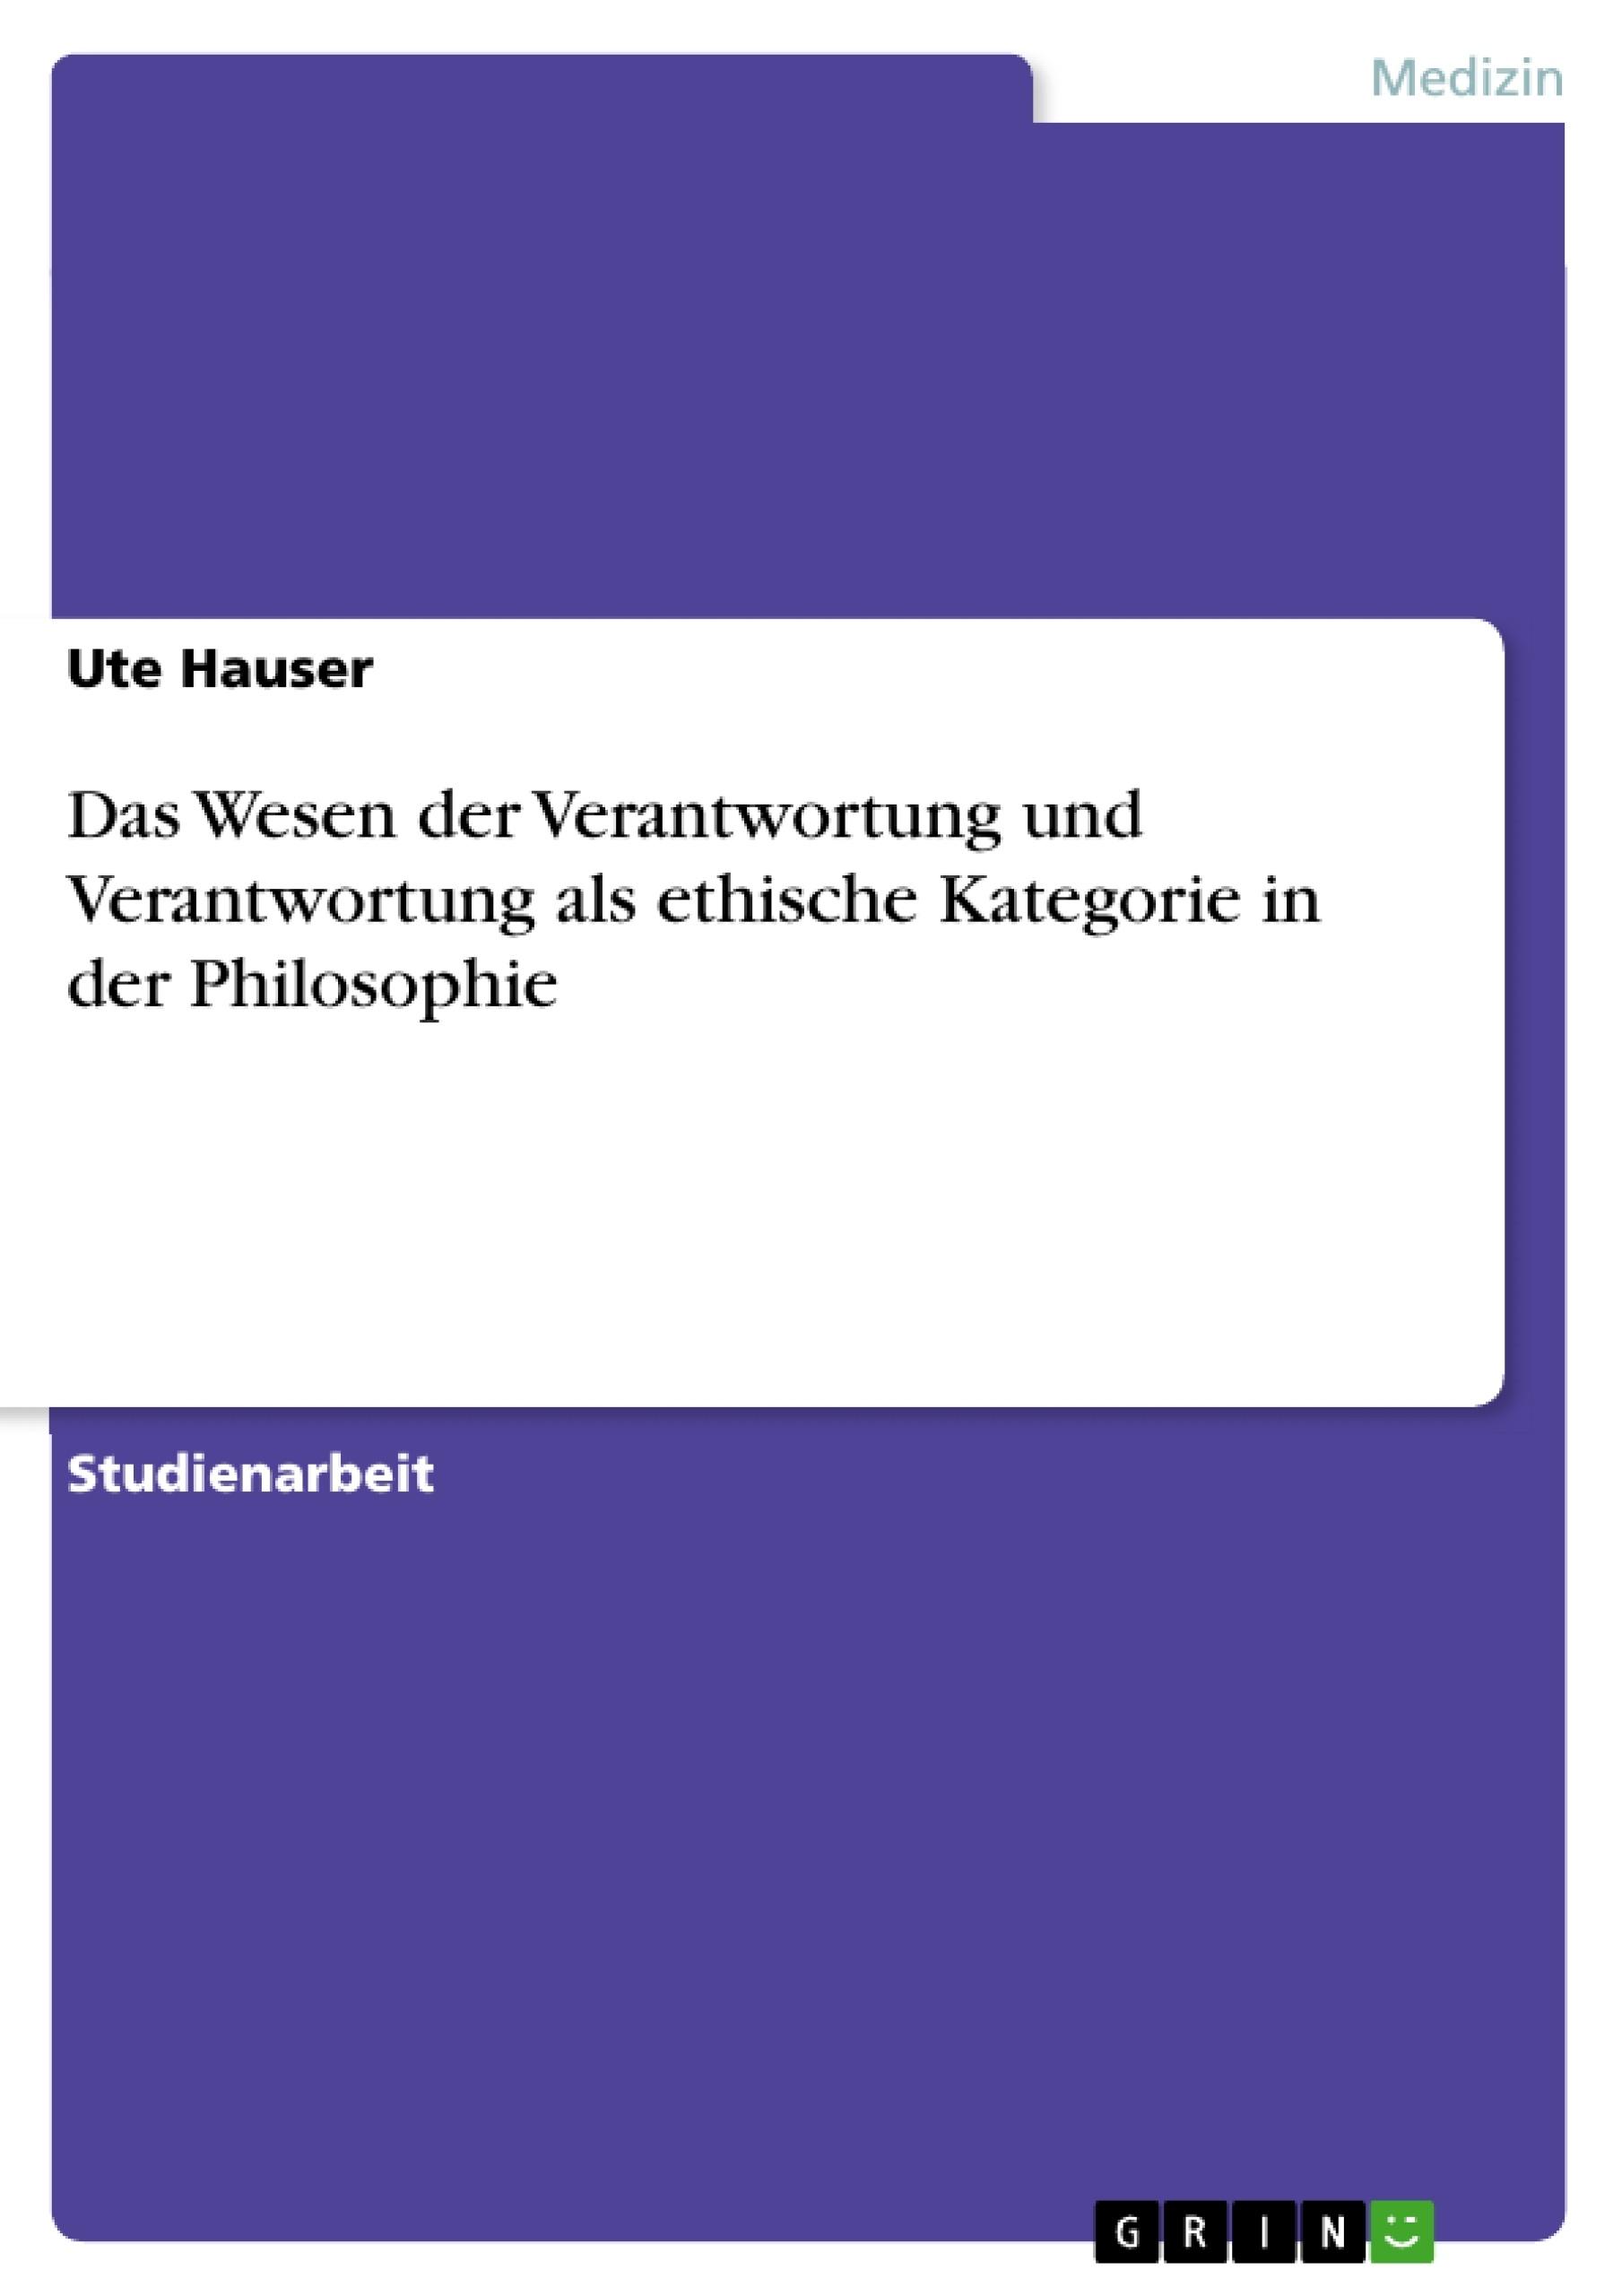 Titel: Das Wesen der Verantwortung und Verantwortung als ethische Kategorie in der Philosophie